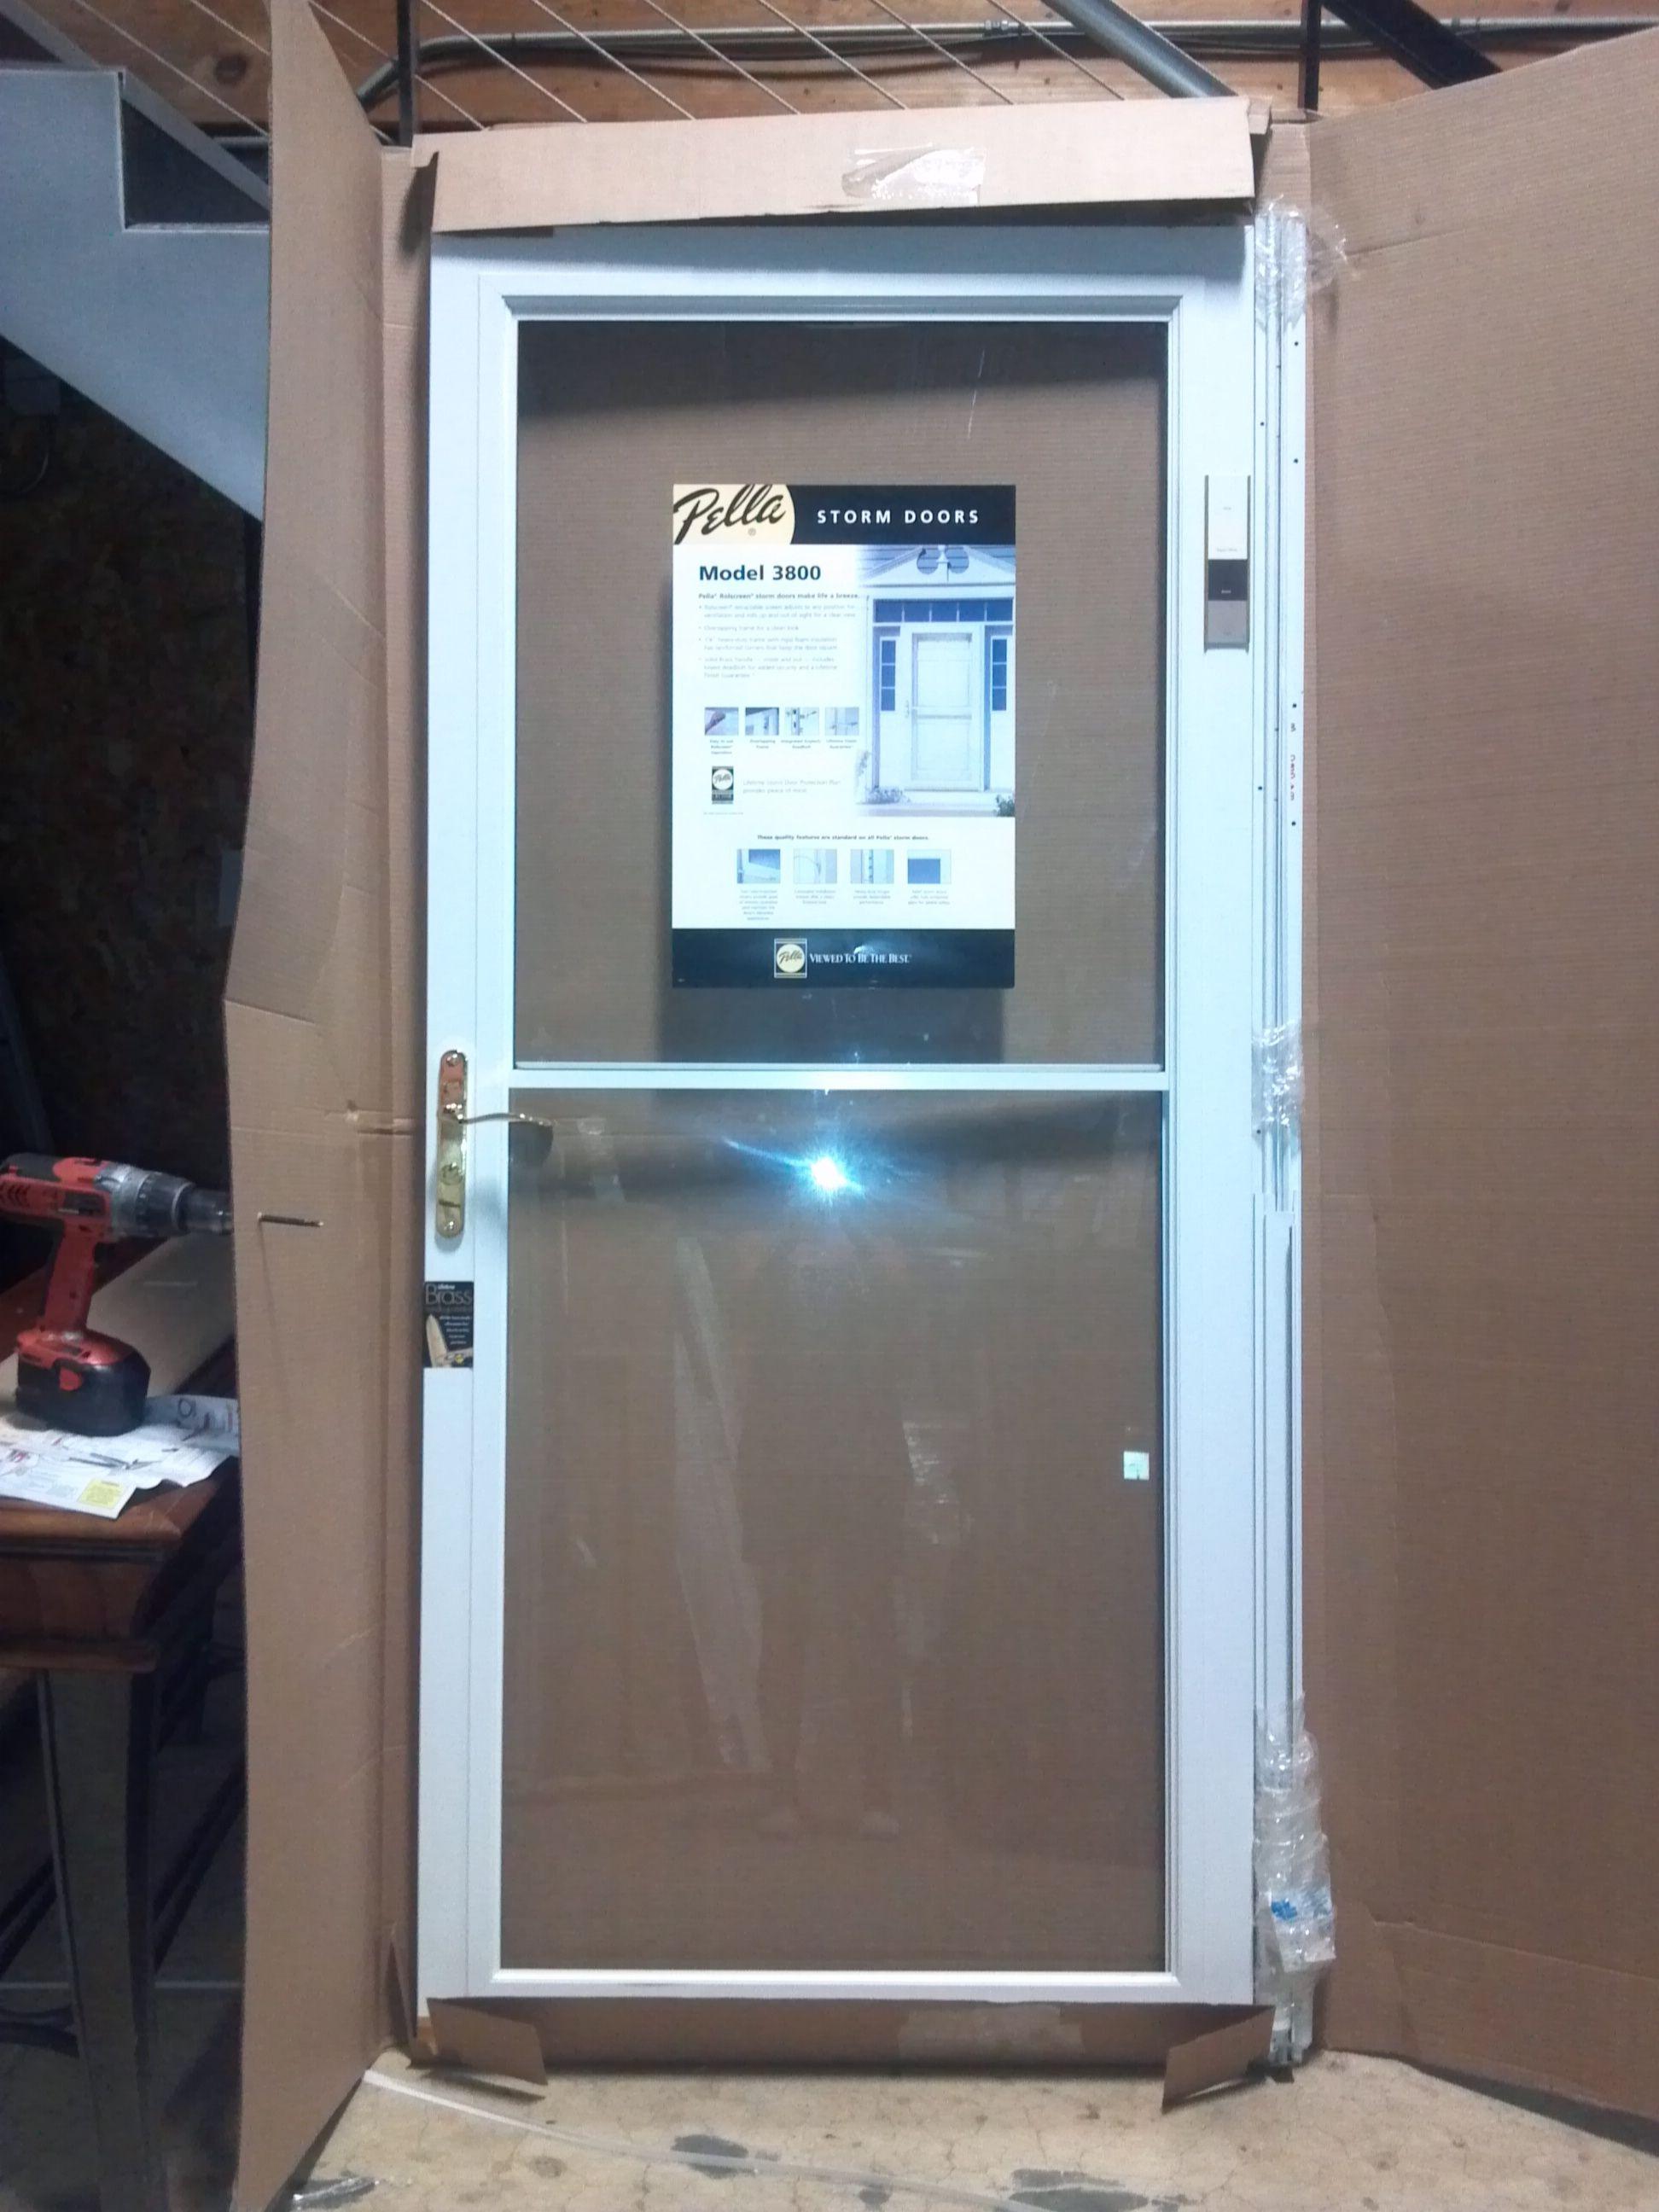 Pella Storm Door With Retractable Screen Httpthefallguyediting